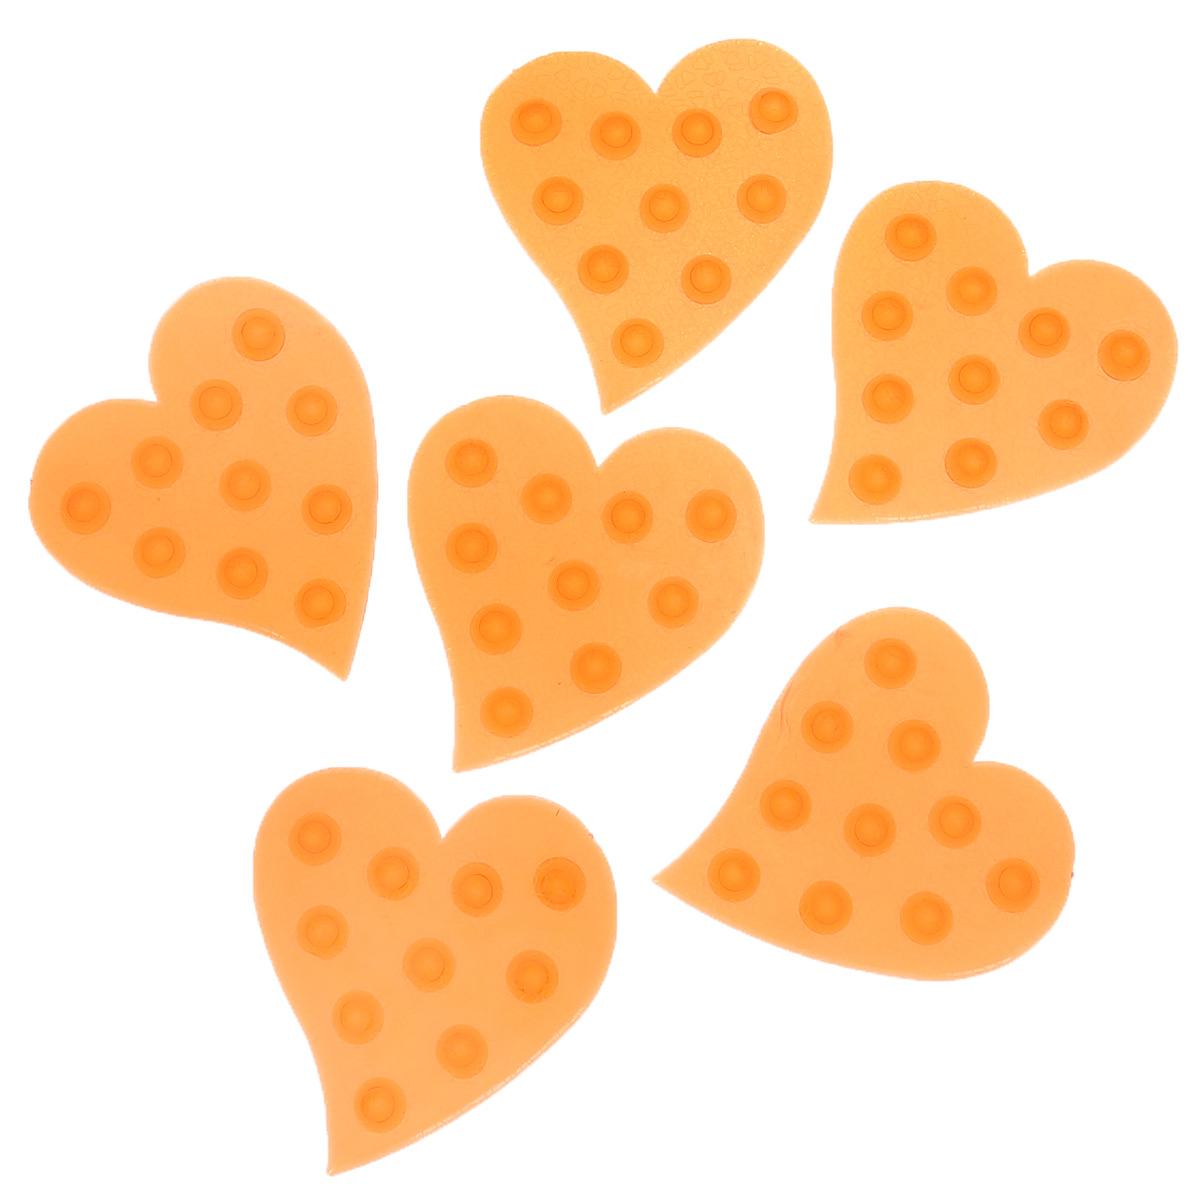 Набор мини-ковриков для ванной Dom Company Сердце, цвет: красный, 6 шт.BH-UN0502( R)Набор Dom Company Сердце состоит из шести мини-ковриков для ванной, изготовленных из 100% полимерных материалов в форме сердец. Коврики оснащены присосками, предотвращающими скольжение. Их можно крепить на дно ванны или использовать как декор для плитки. Коврики легко чистить.